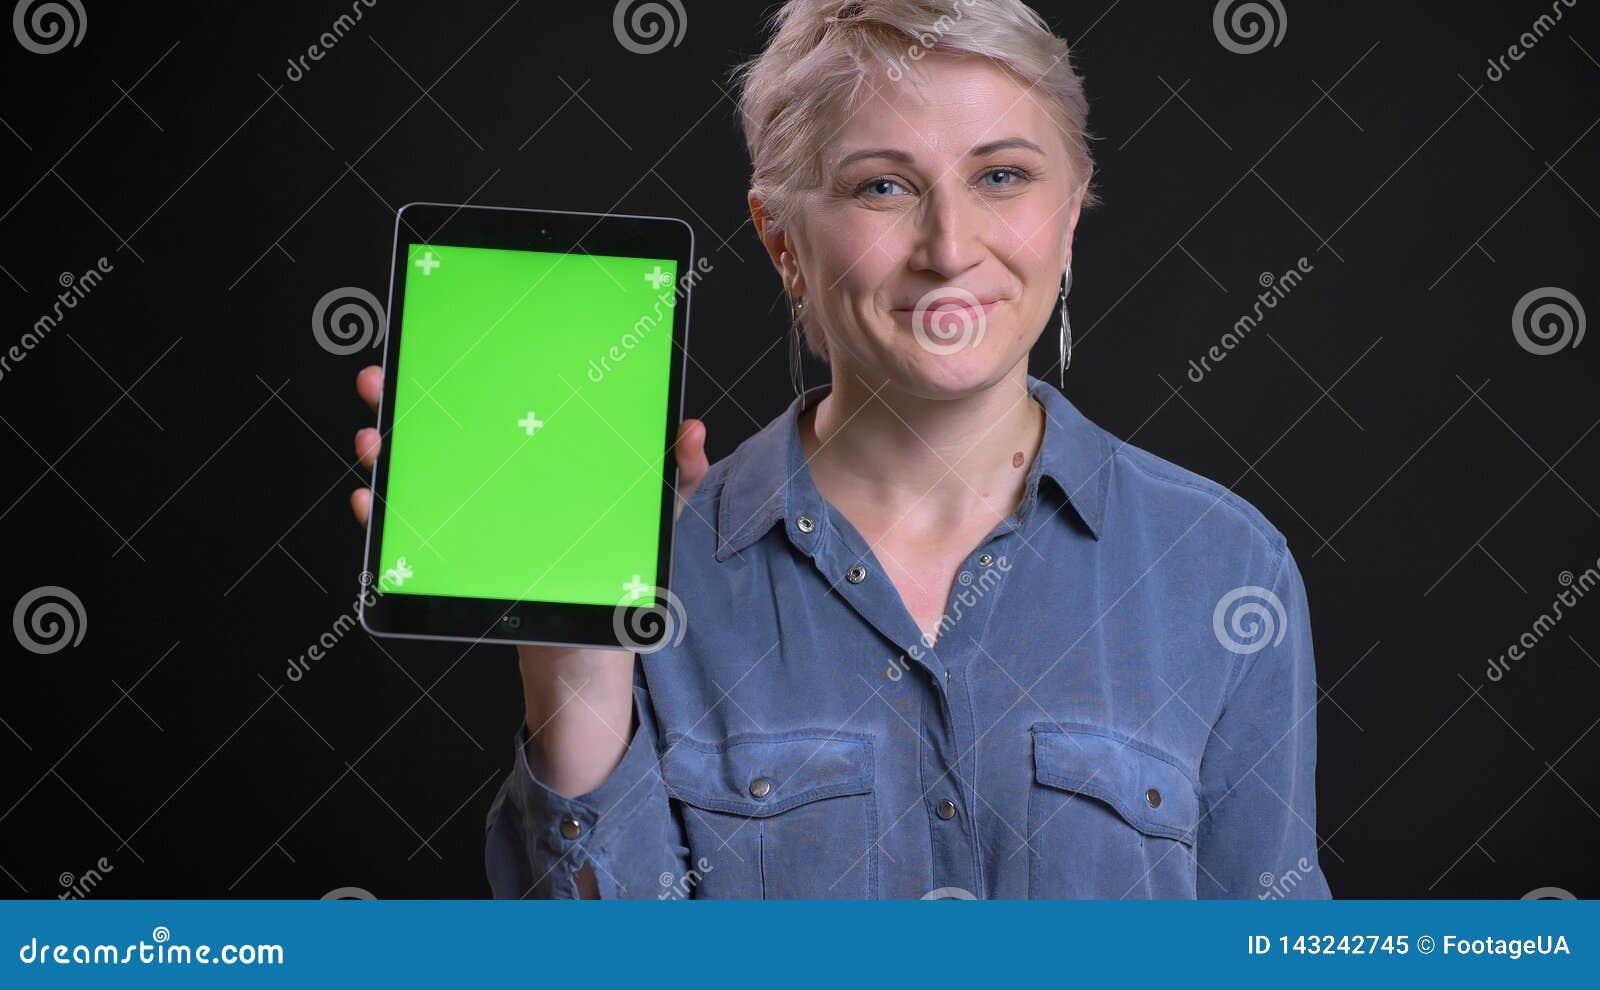 Retrato del primer de la hembra caucásica sonriente adulta con el pelo rubio corto usando la tableta y mostrar la pantalla verde